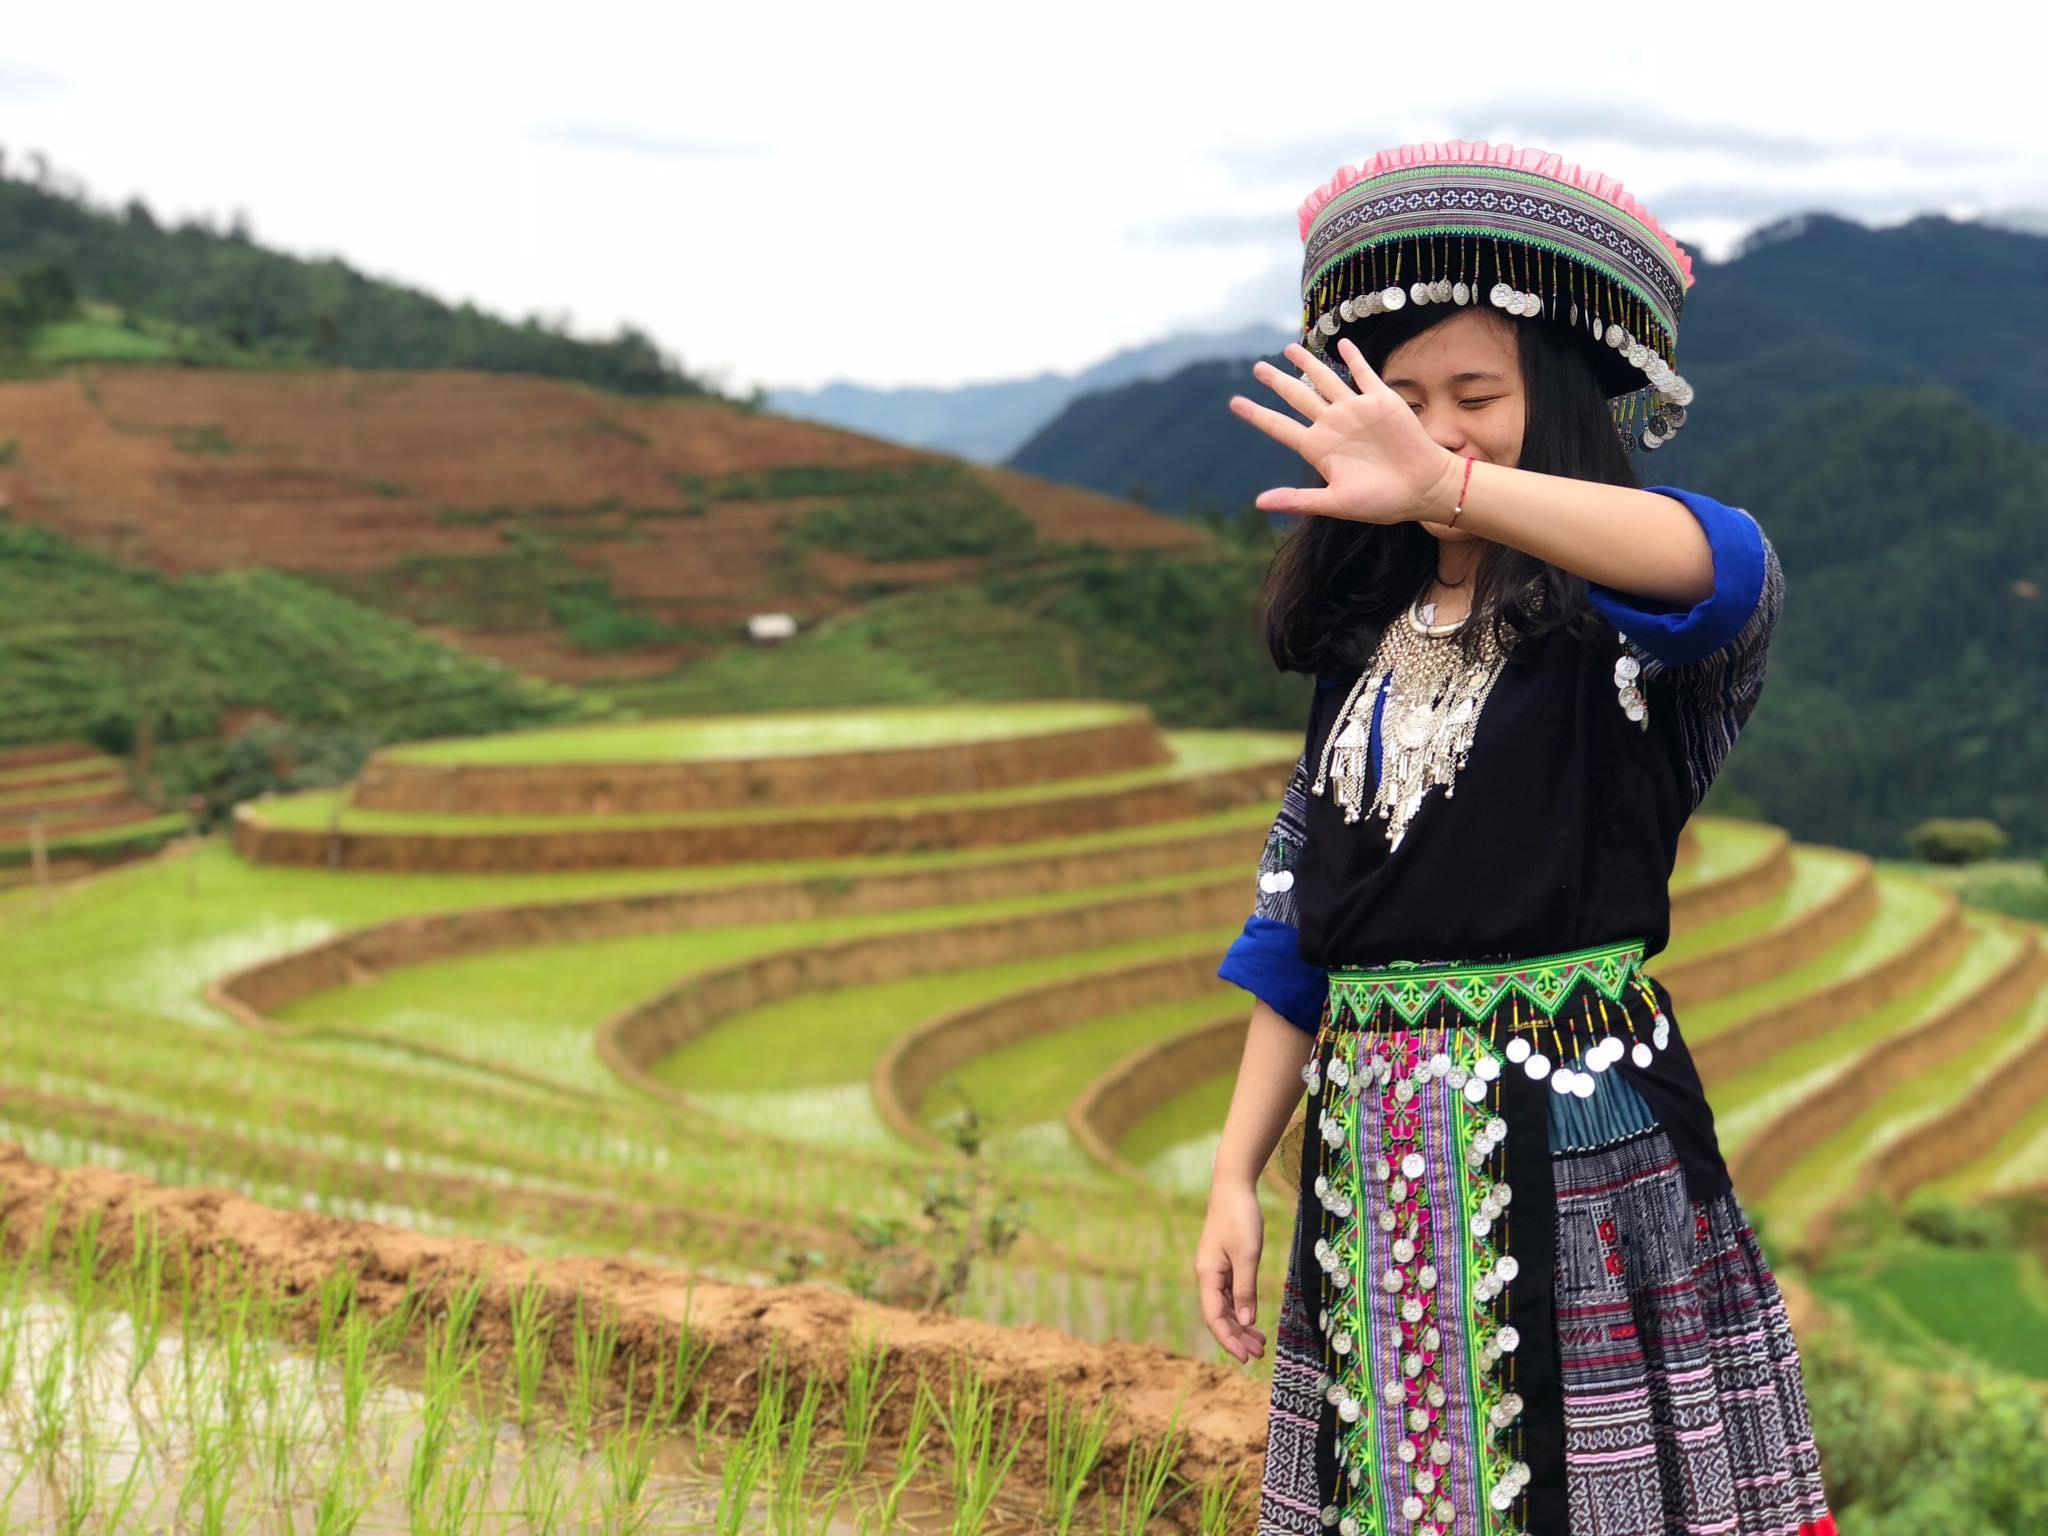 Mu-cang-chai-du-lich-mua-nuoc-do-nam-2020-duoc-to-chuc-vao-30-thang-5-vietmountain-travel2